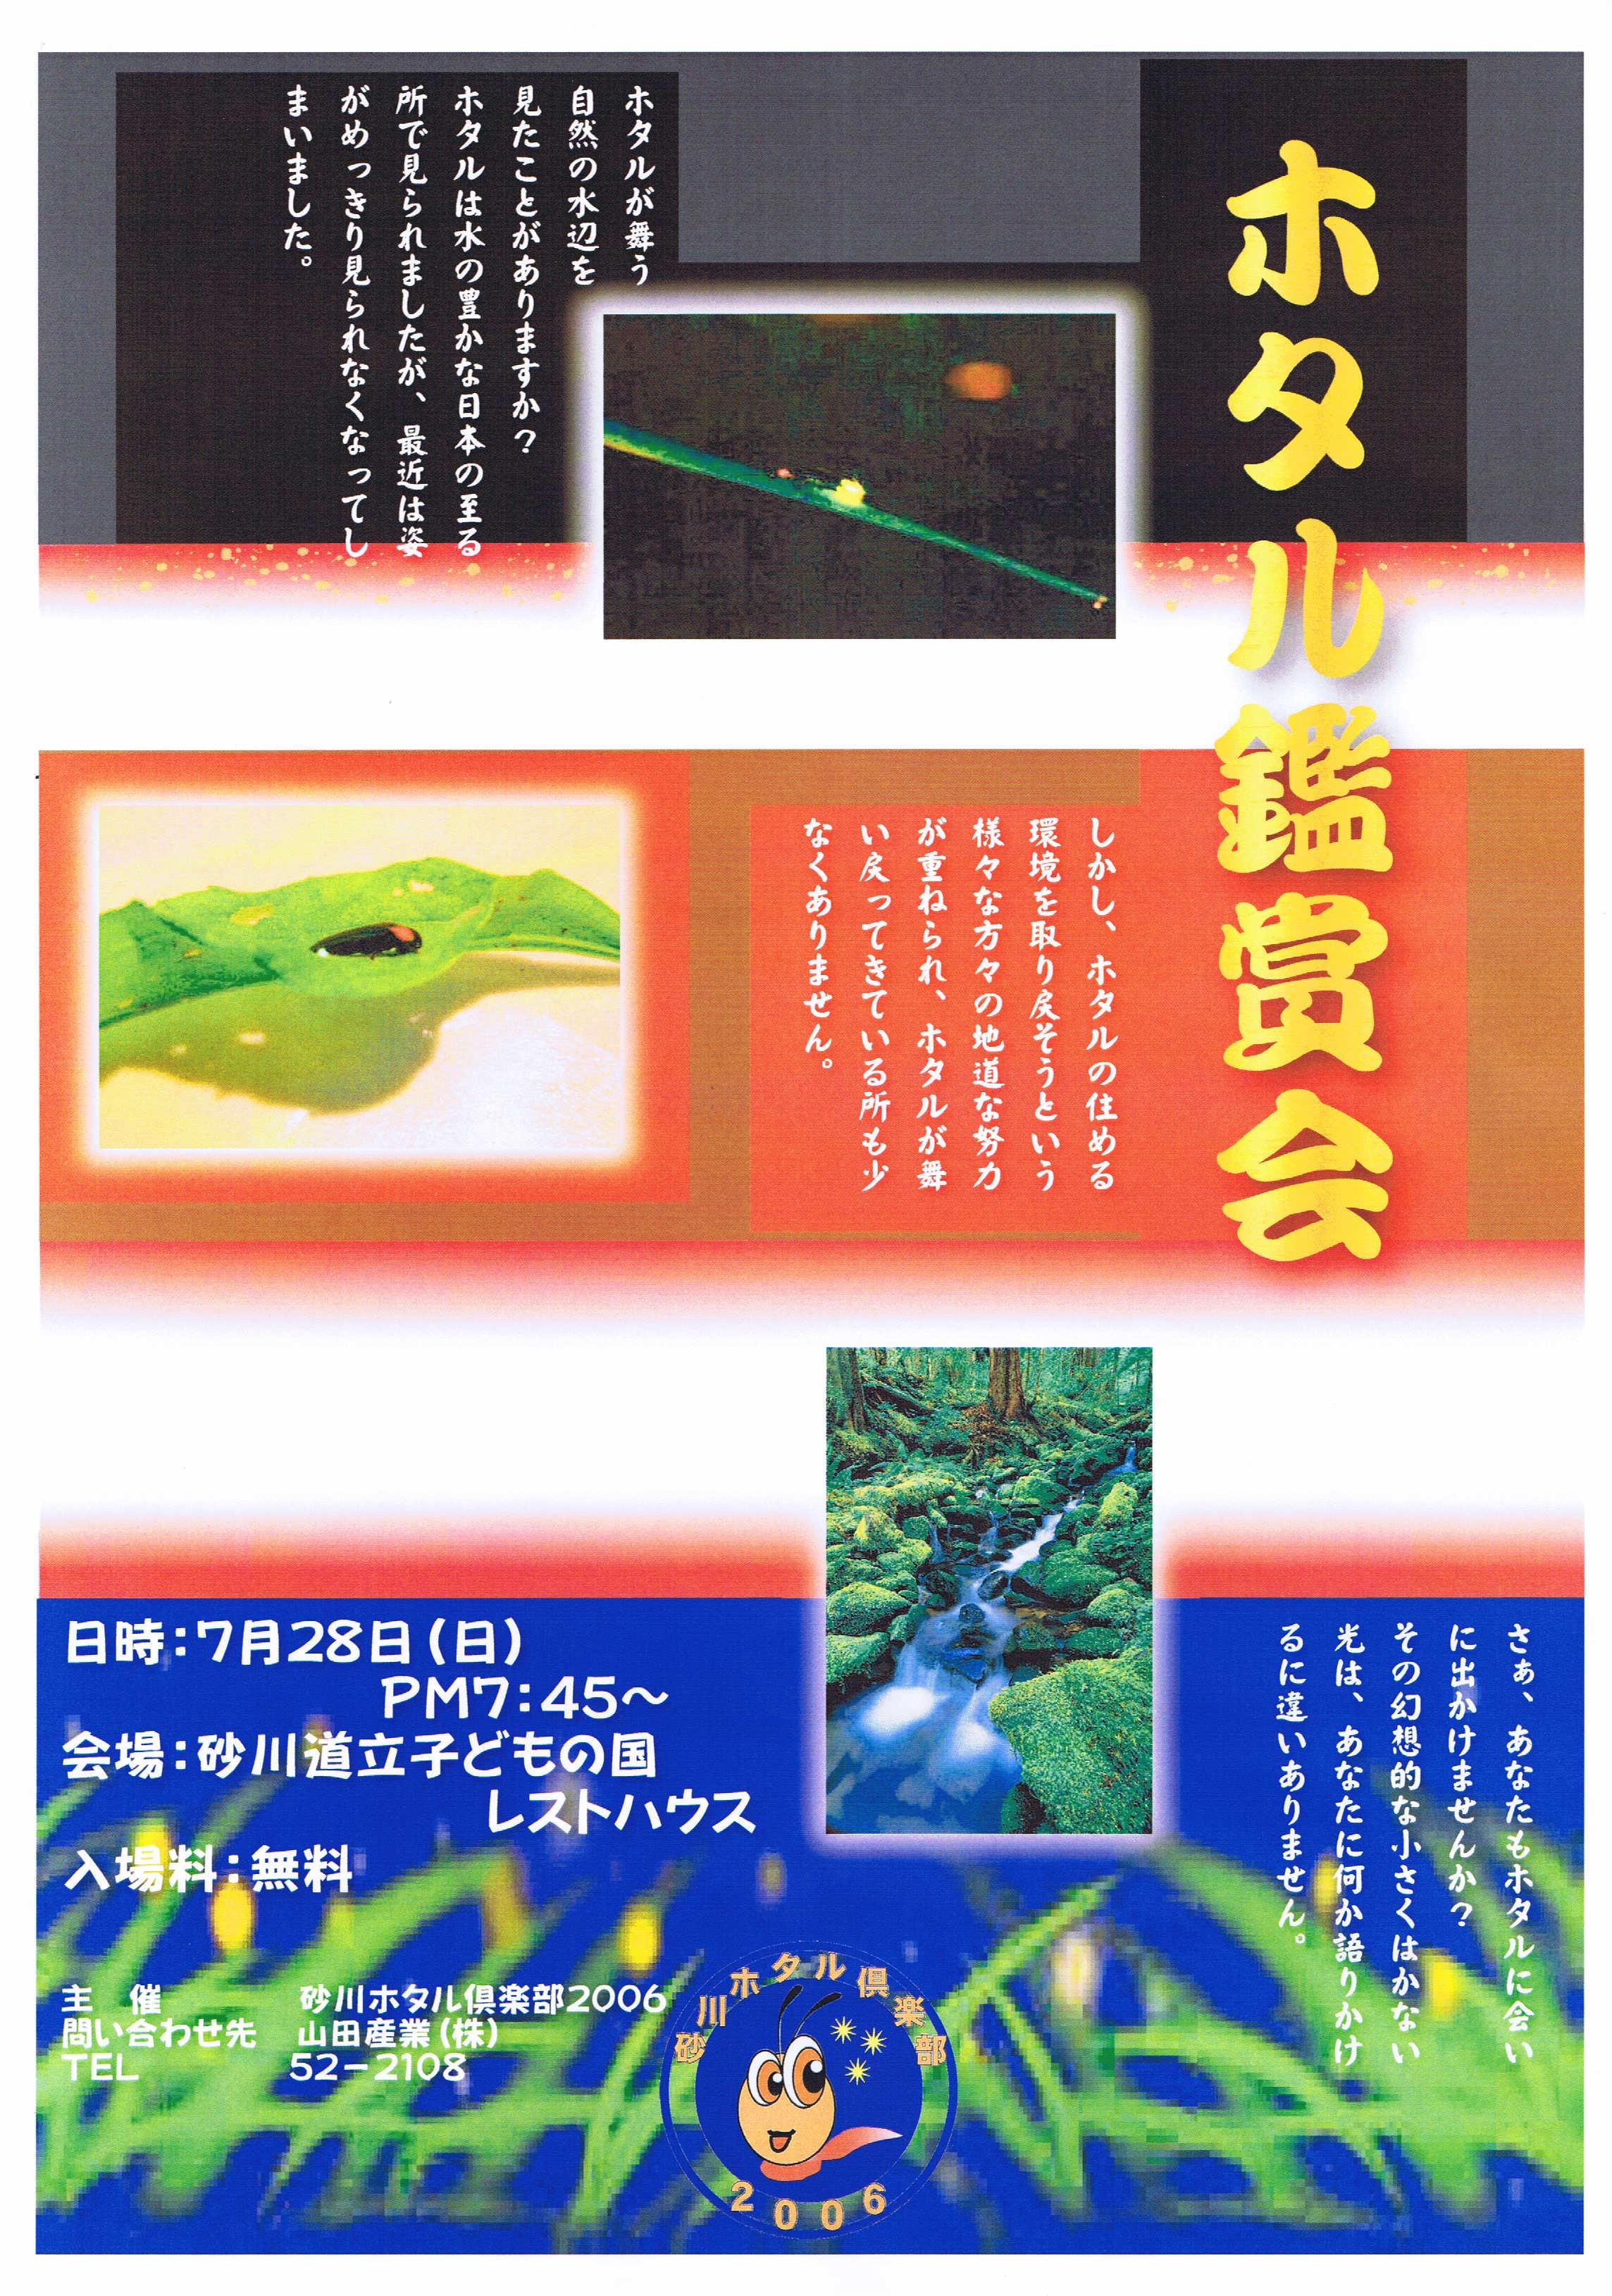 ホタル鑑賞会(2019年)のポスター